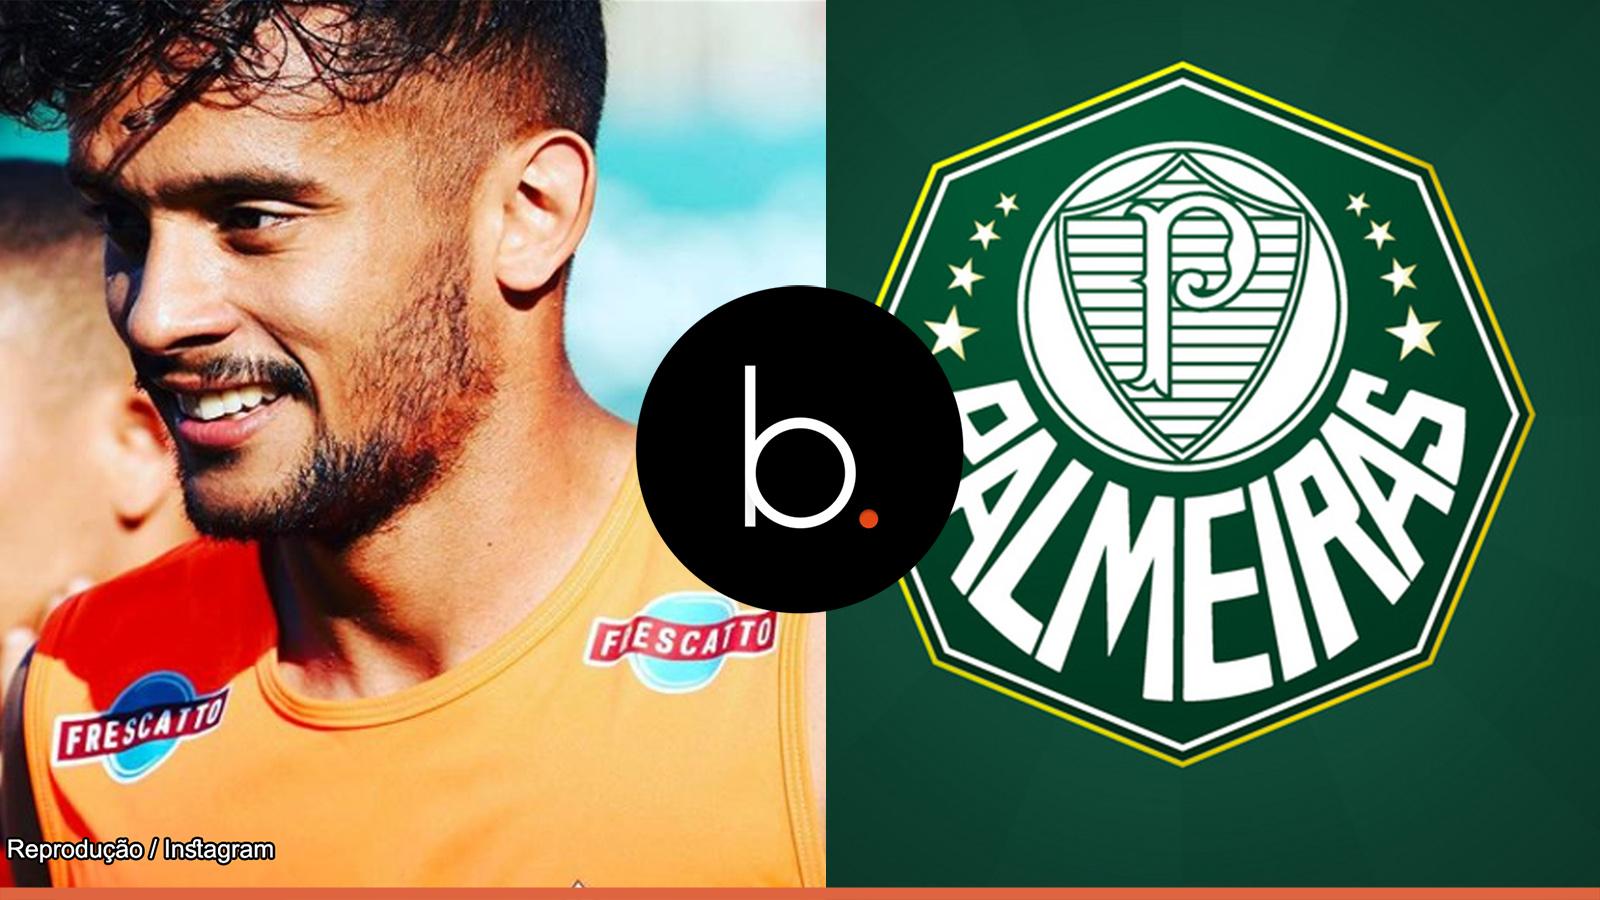 Assista: Scarpa treina como titular e tira vaga de um craque no Palmeiras